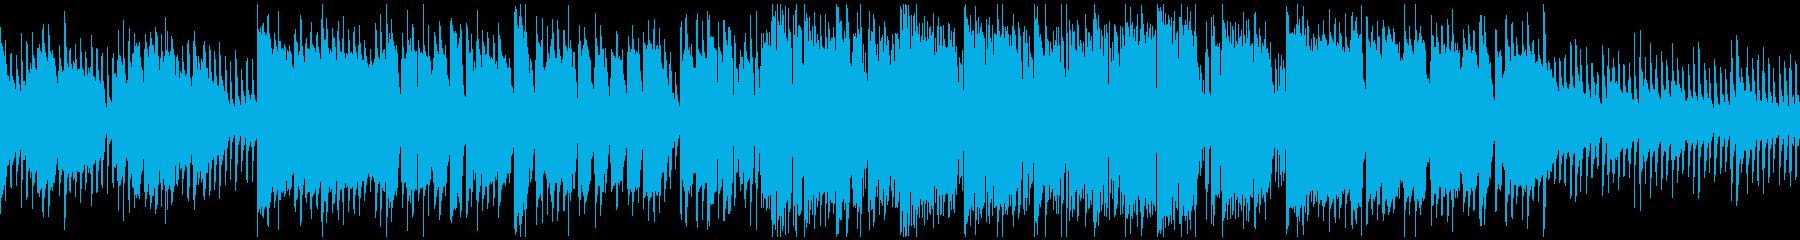 キラキラ音+生演奏クラリネット※ループ版の再生済みの波形